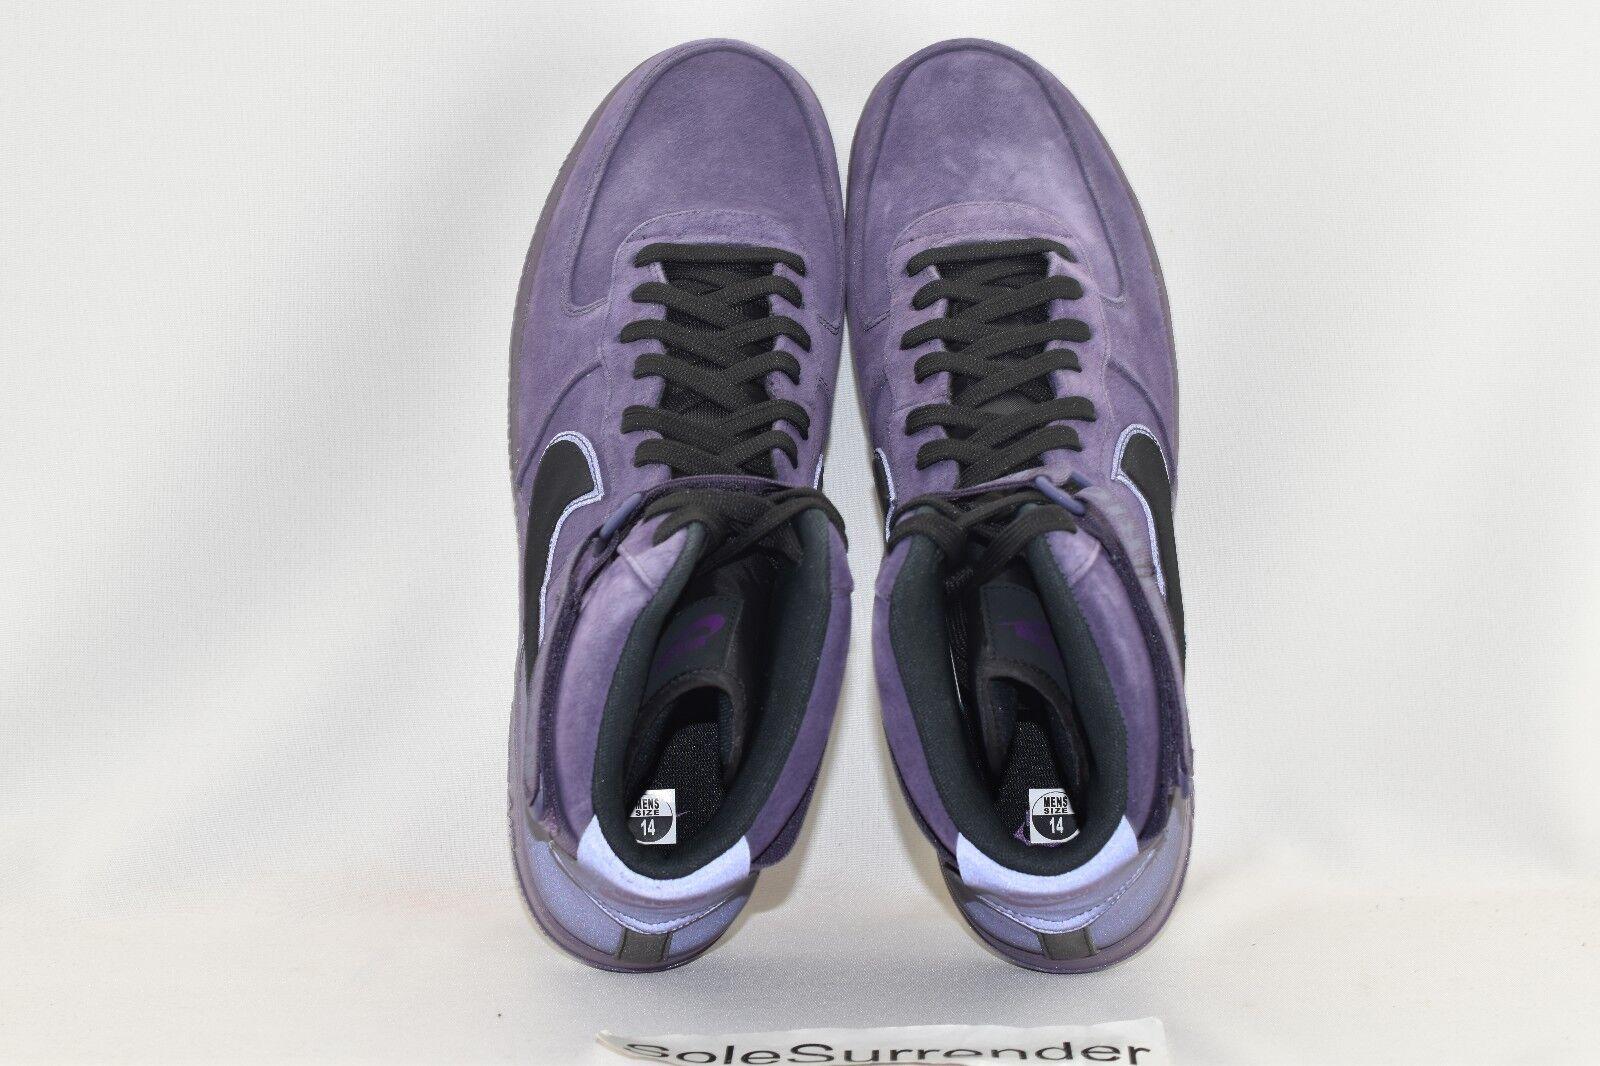 Nike Air Force Force Force 1 High '07 QS  Harlem  - SIZE 14 - 573967-500 Black Raisin HOH Hi eb1640